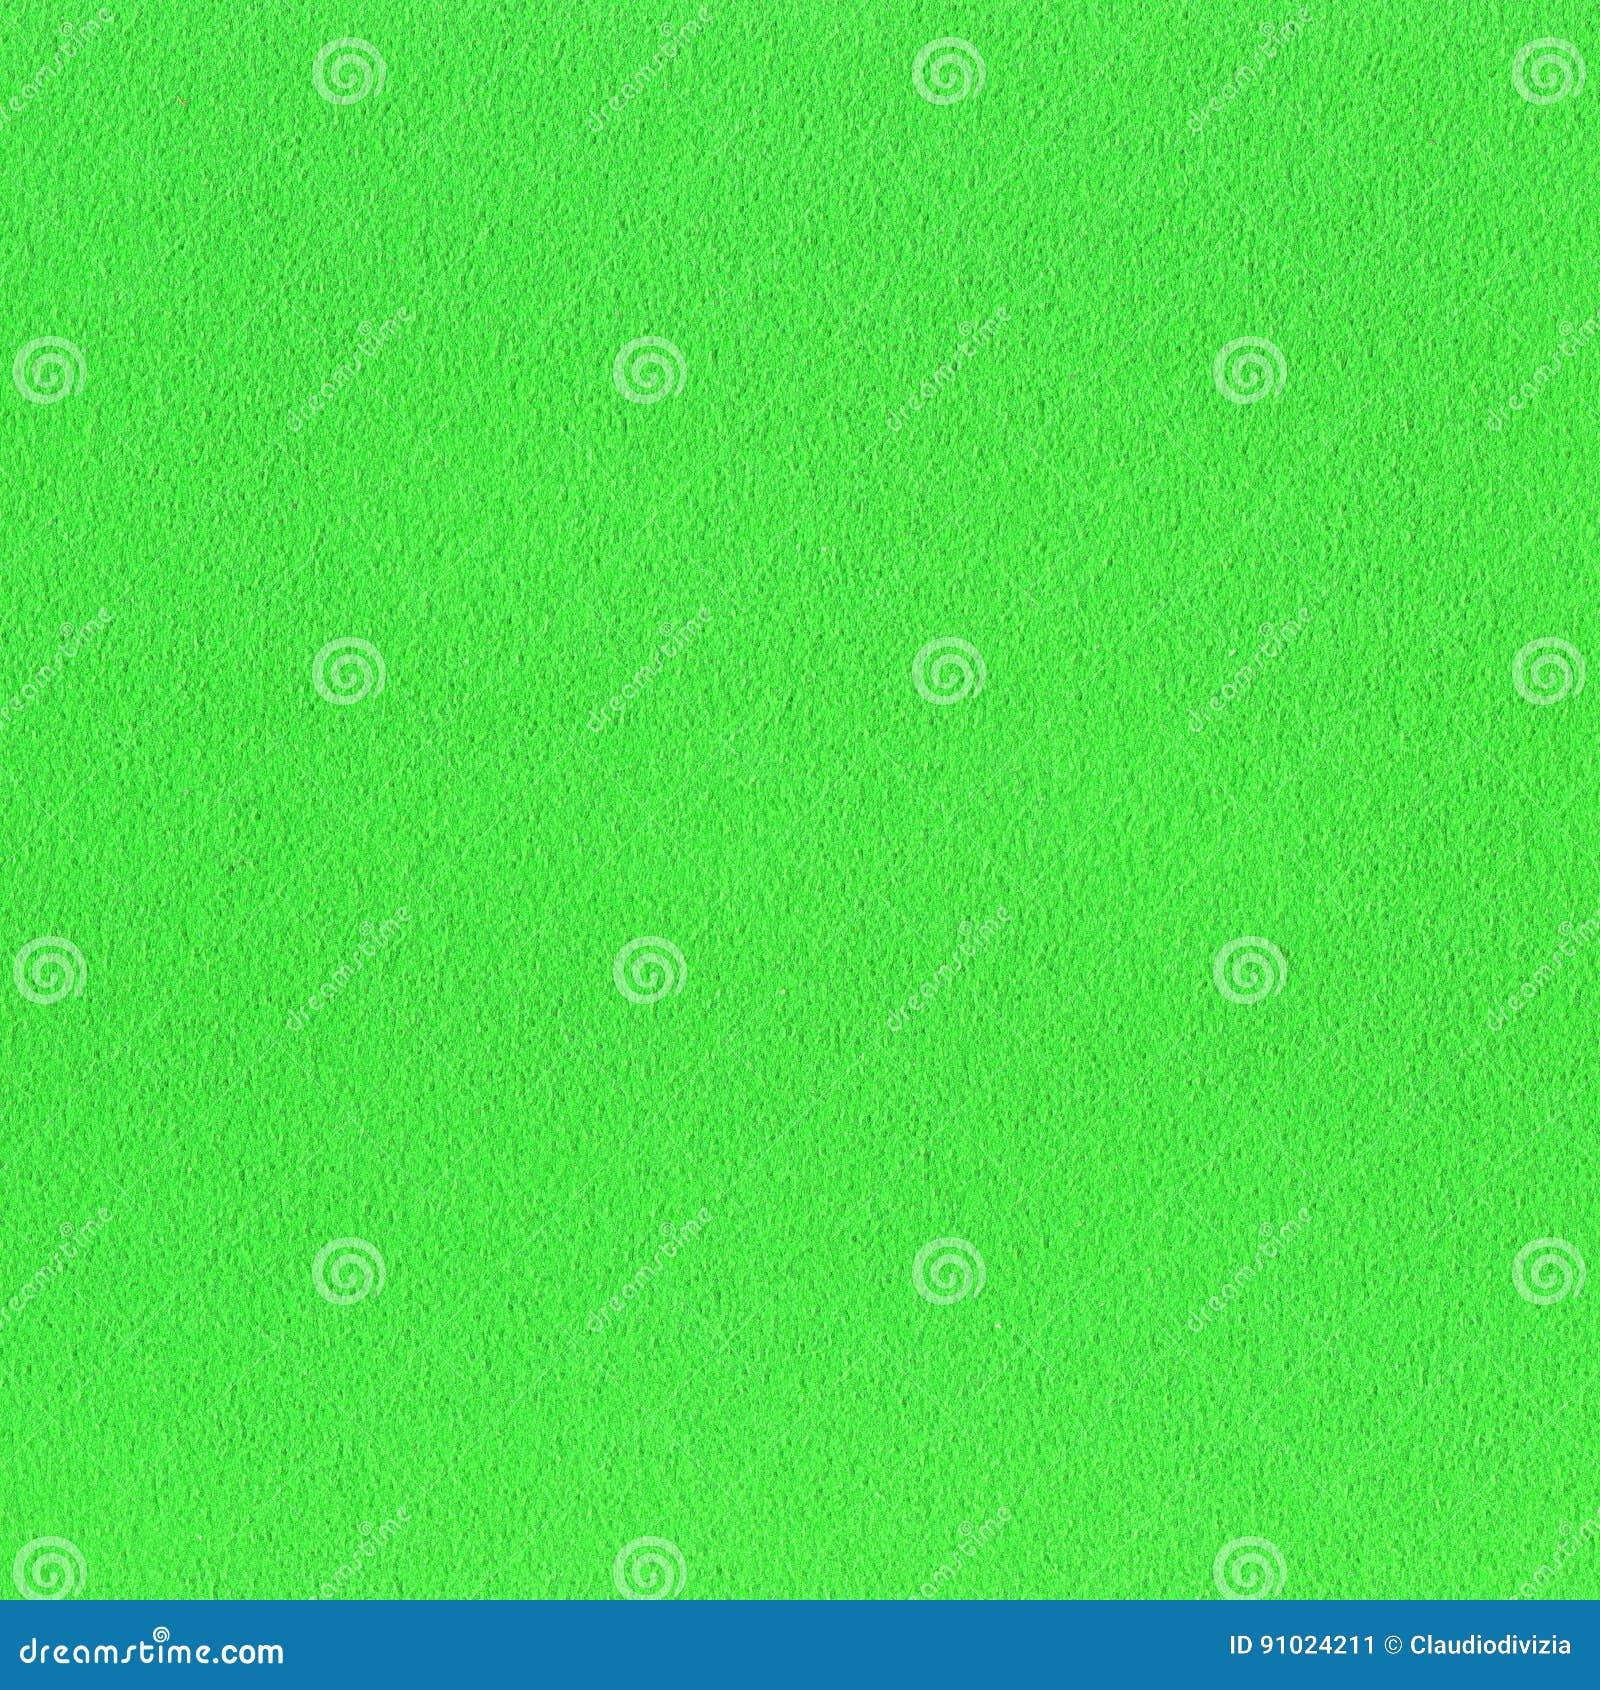 Fondo verde abstracto de ruido al azar